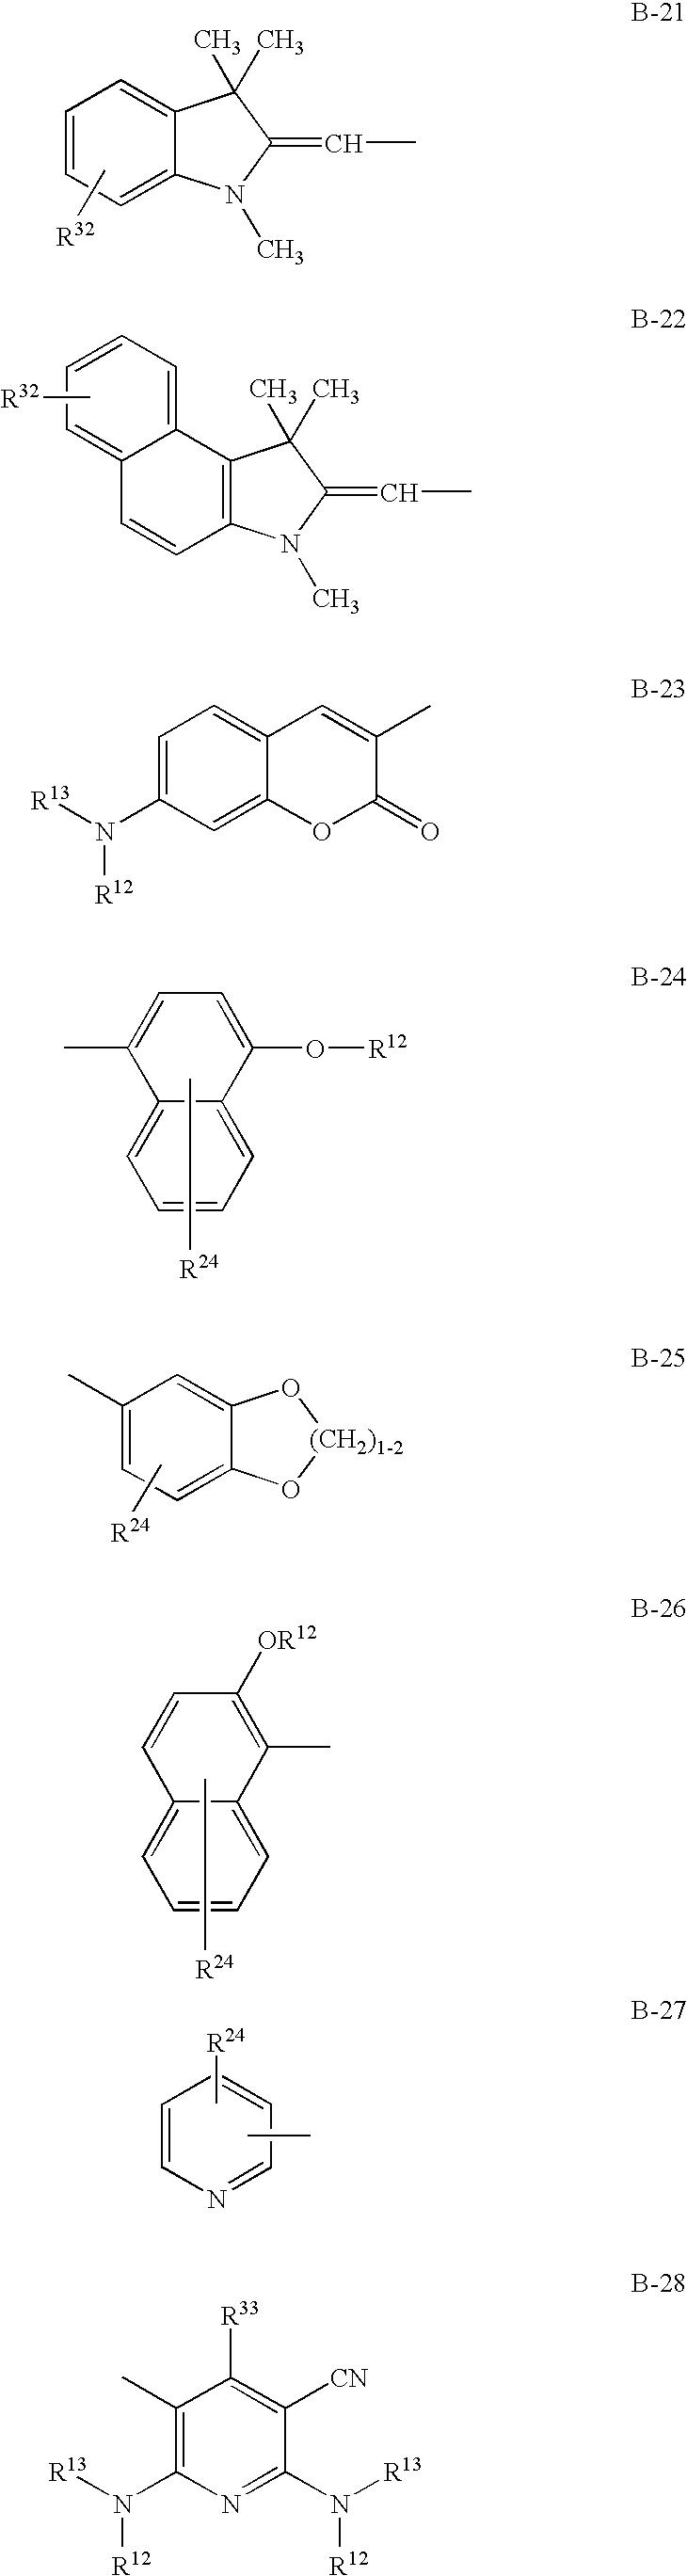 Figure US20070287822A1-20071213-C00039